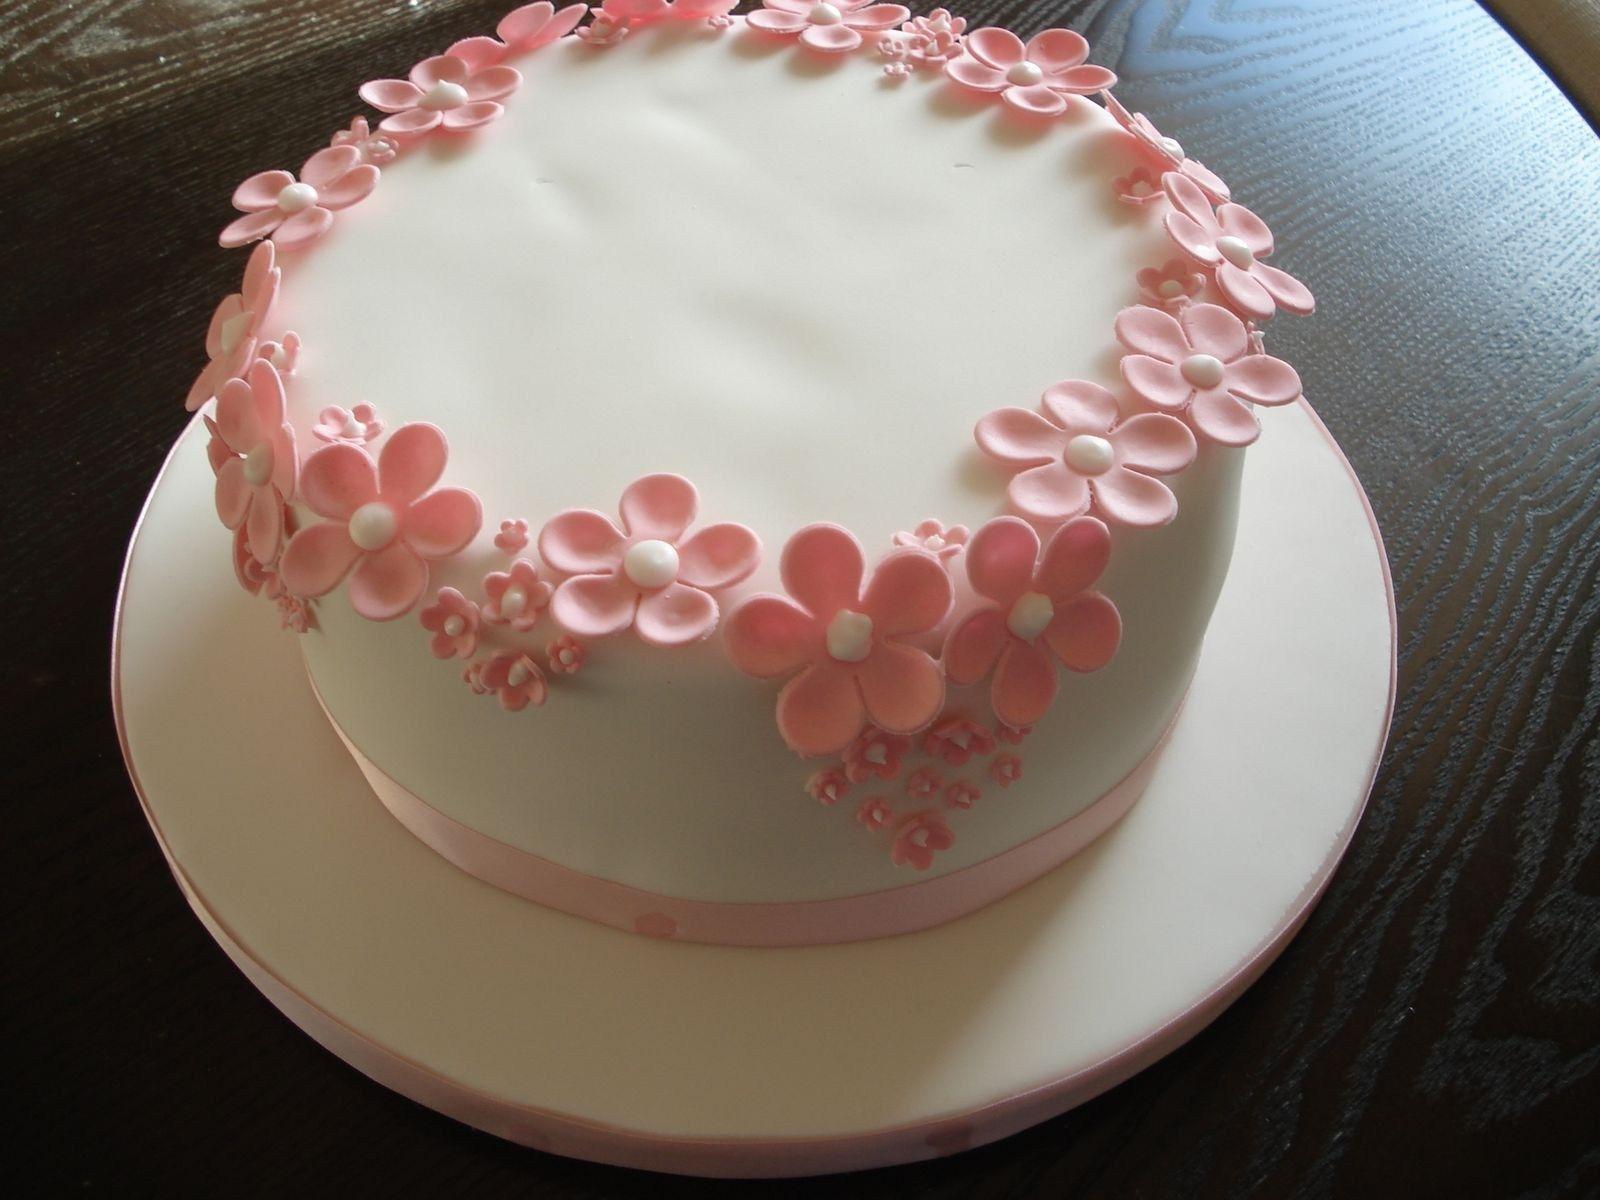 Strange 32 Pretty Image Of Cute Birthday Cakes For Girl Pretty Birthday Personalised Birthday Cards Epsylily Jamesorg